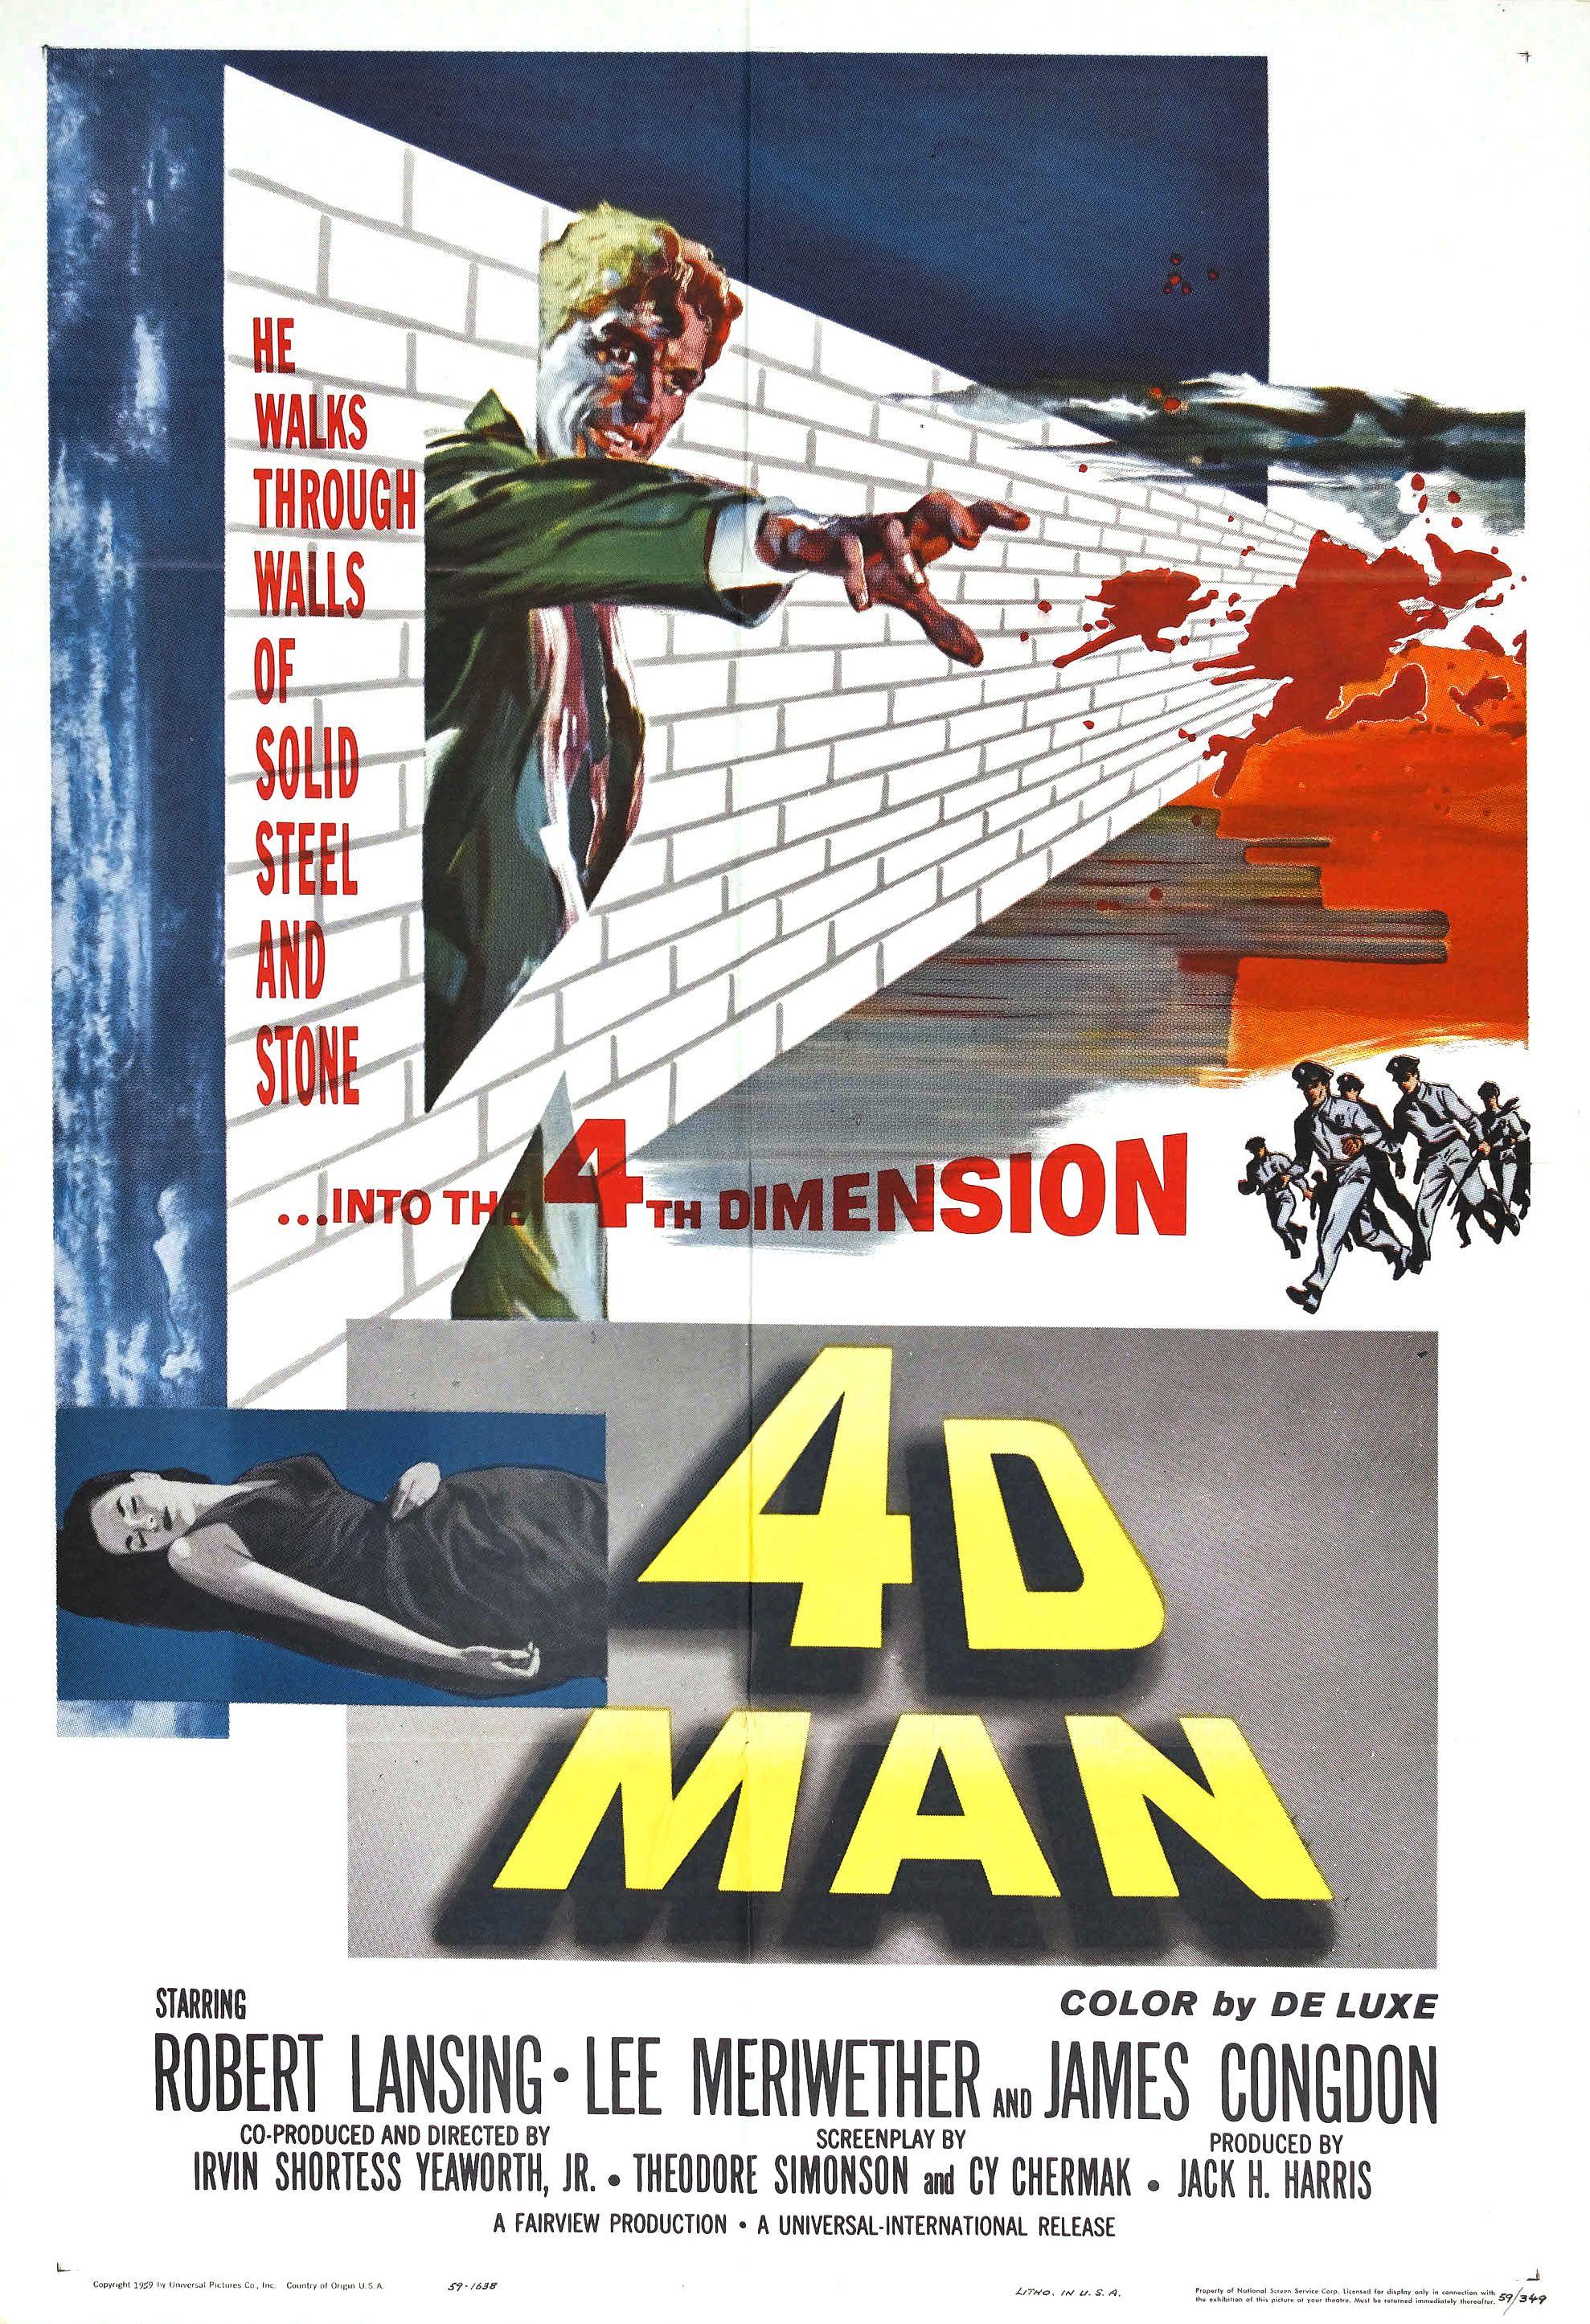 Quarta Dimensão [Dub] – IMDB 5.9